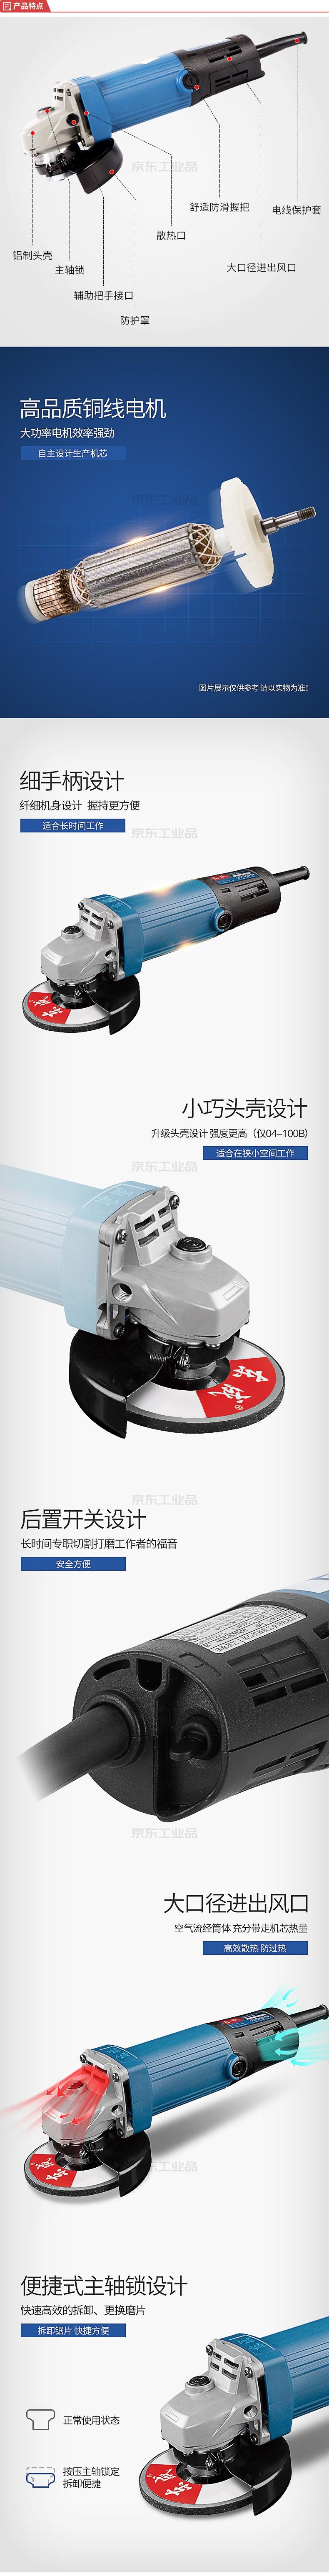 东成 710W角向磨光机,10台/箱;S1M-FF04-100B